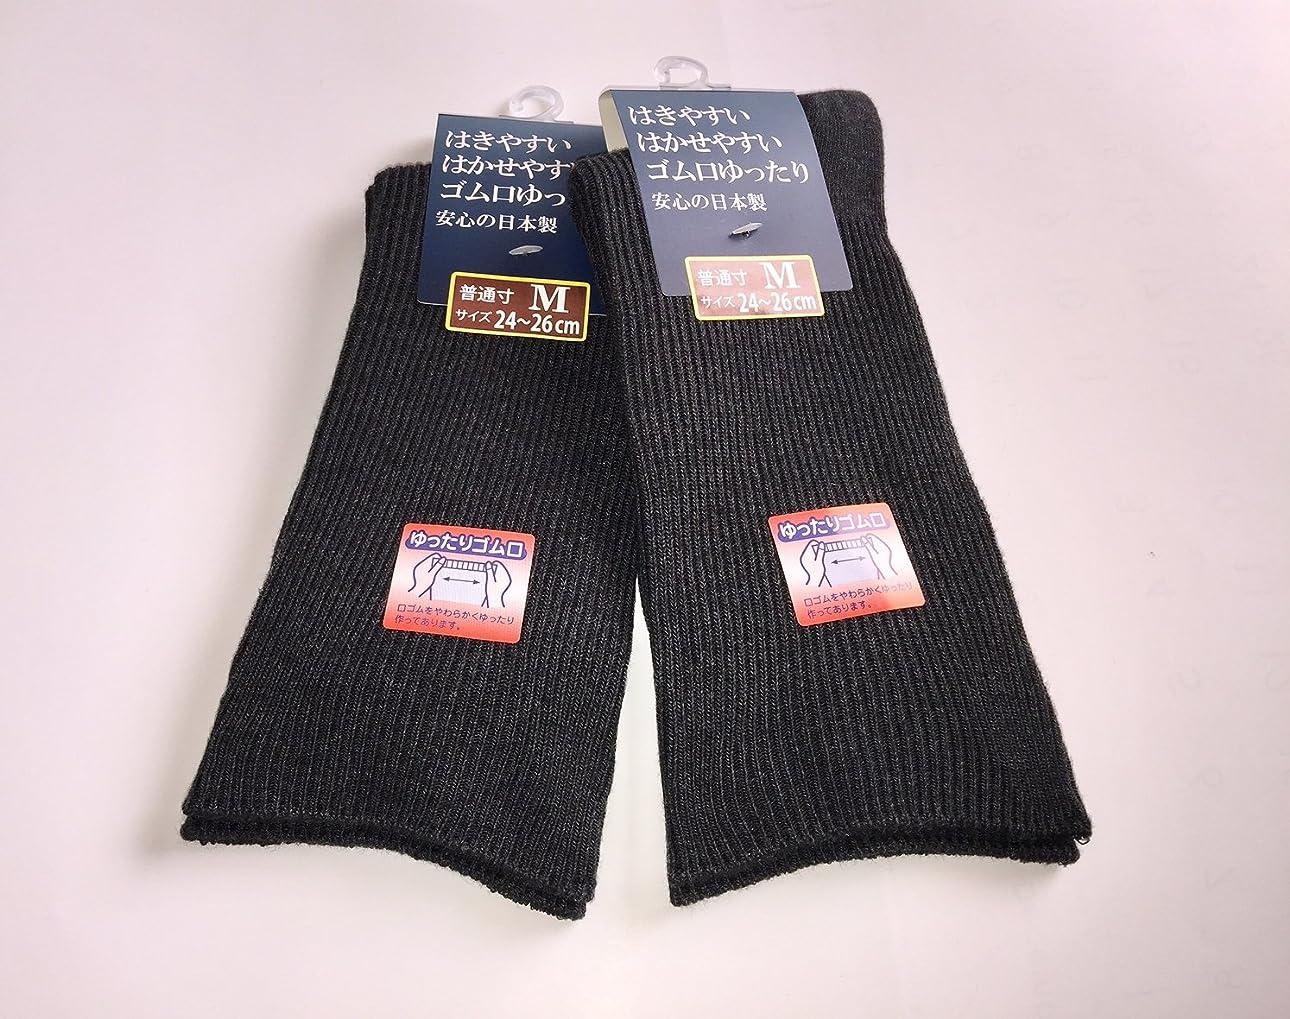 先祖区成熟した日本製 靴下 メンズ 口ゴムなし ゆったり靴下 24-26cm 2足組 (チャコール)